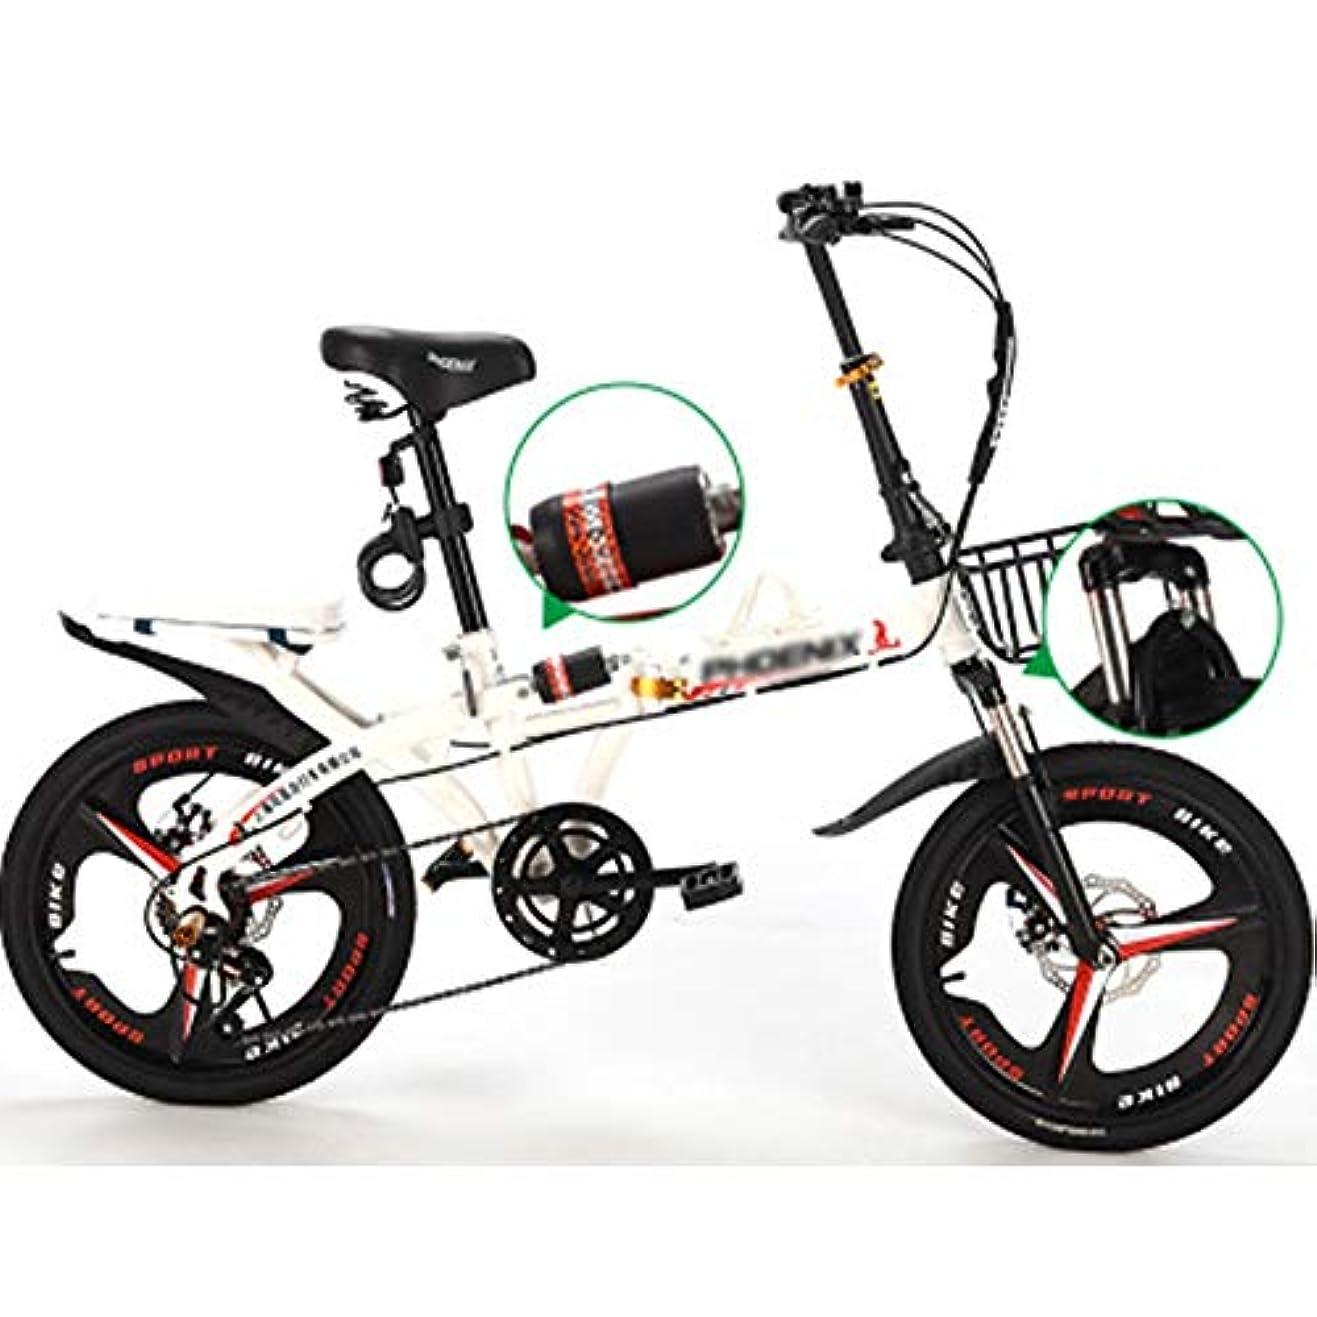 線形白い行商人大人の自転車、ダブル衝撃吸収/ 6速度変更/フロントとリアのディスクブレーキバイク、ワンピースフレーム/ 3-ナイフワンホイールのデザイン、16インチ折りたたみ (Color : White)